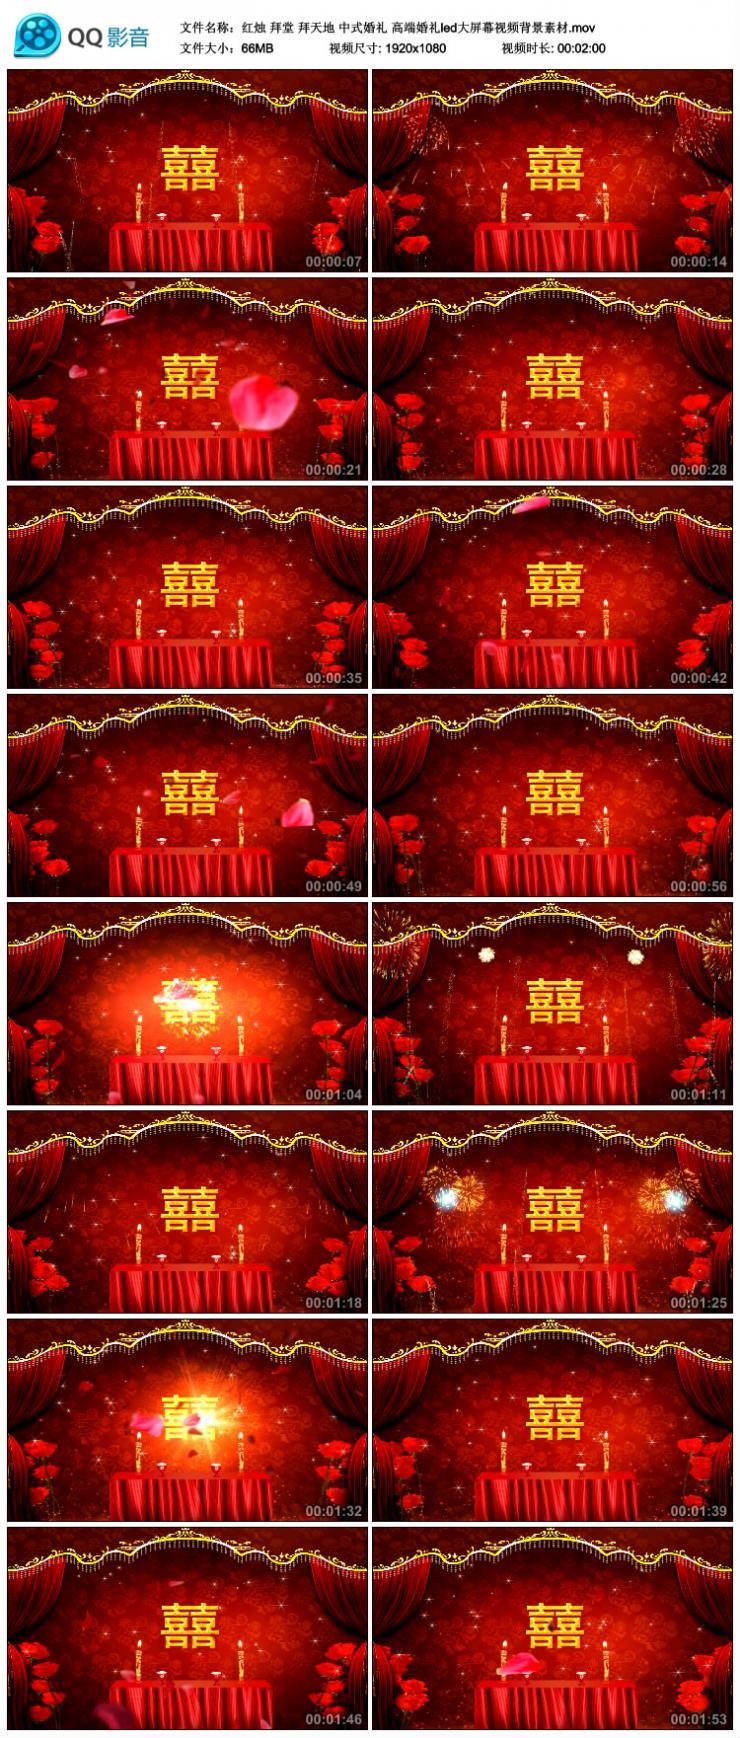 红烛 拜堂 拜天地 中式婚礼 高端婚礼led大屏幕视频背景素材